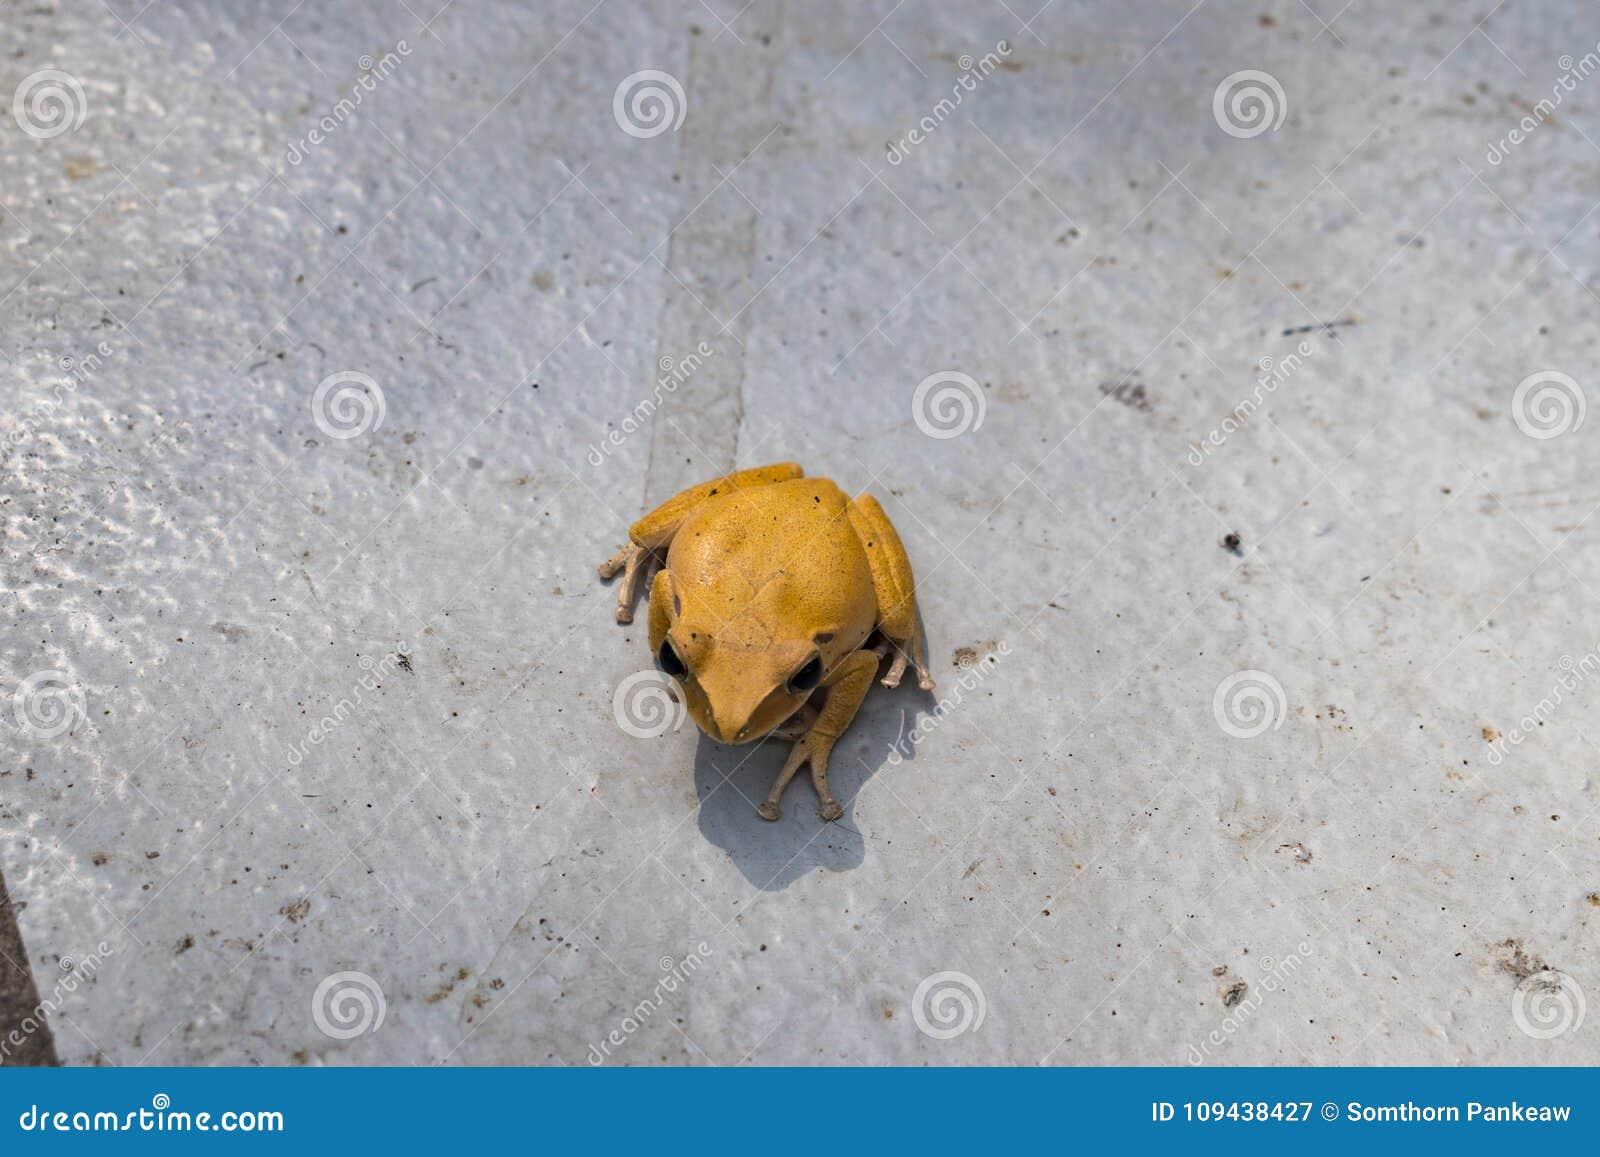 Las ranas amarillas son venenosas en Asia